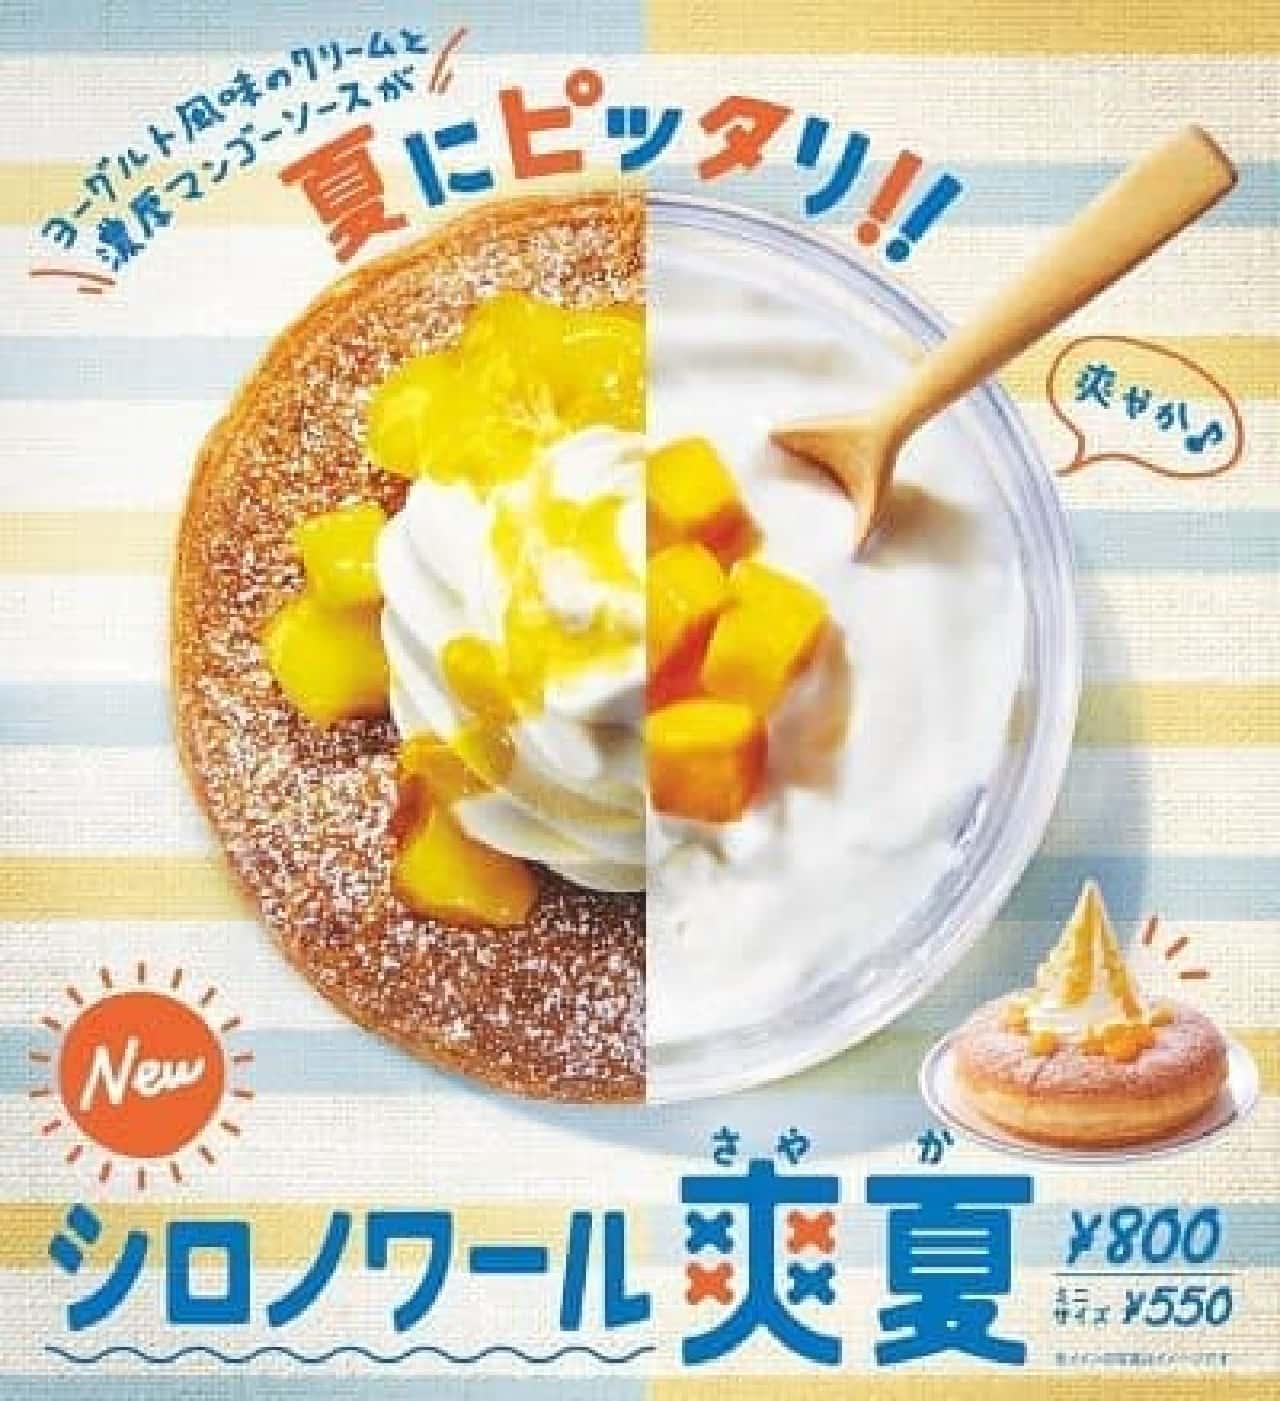 コメダ珈琲店「シロノワール爽夏(さやか)」